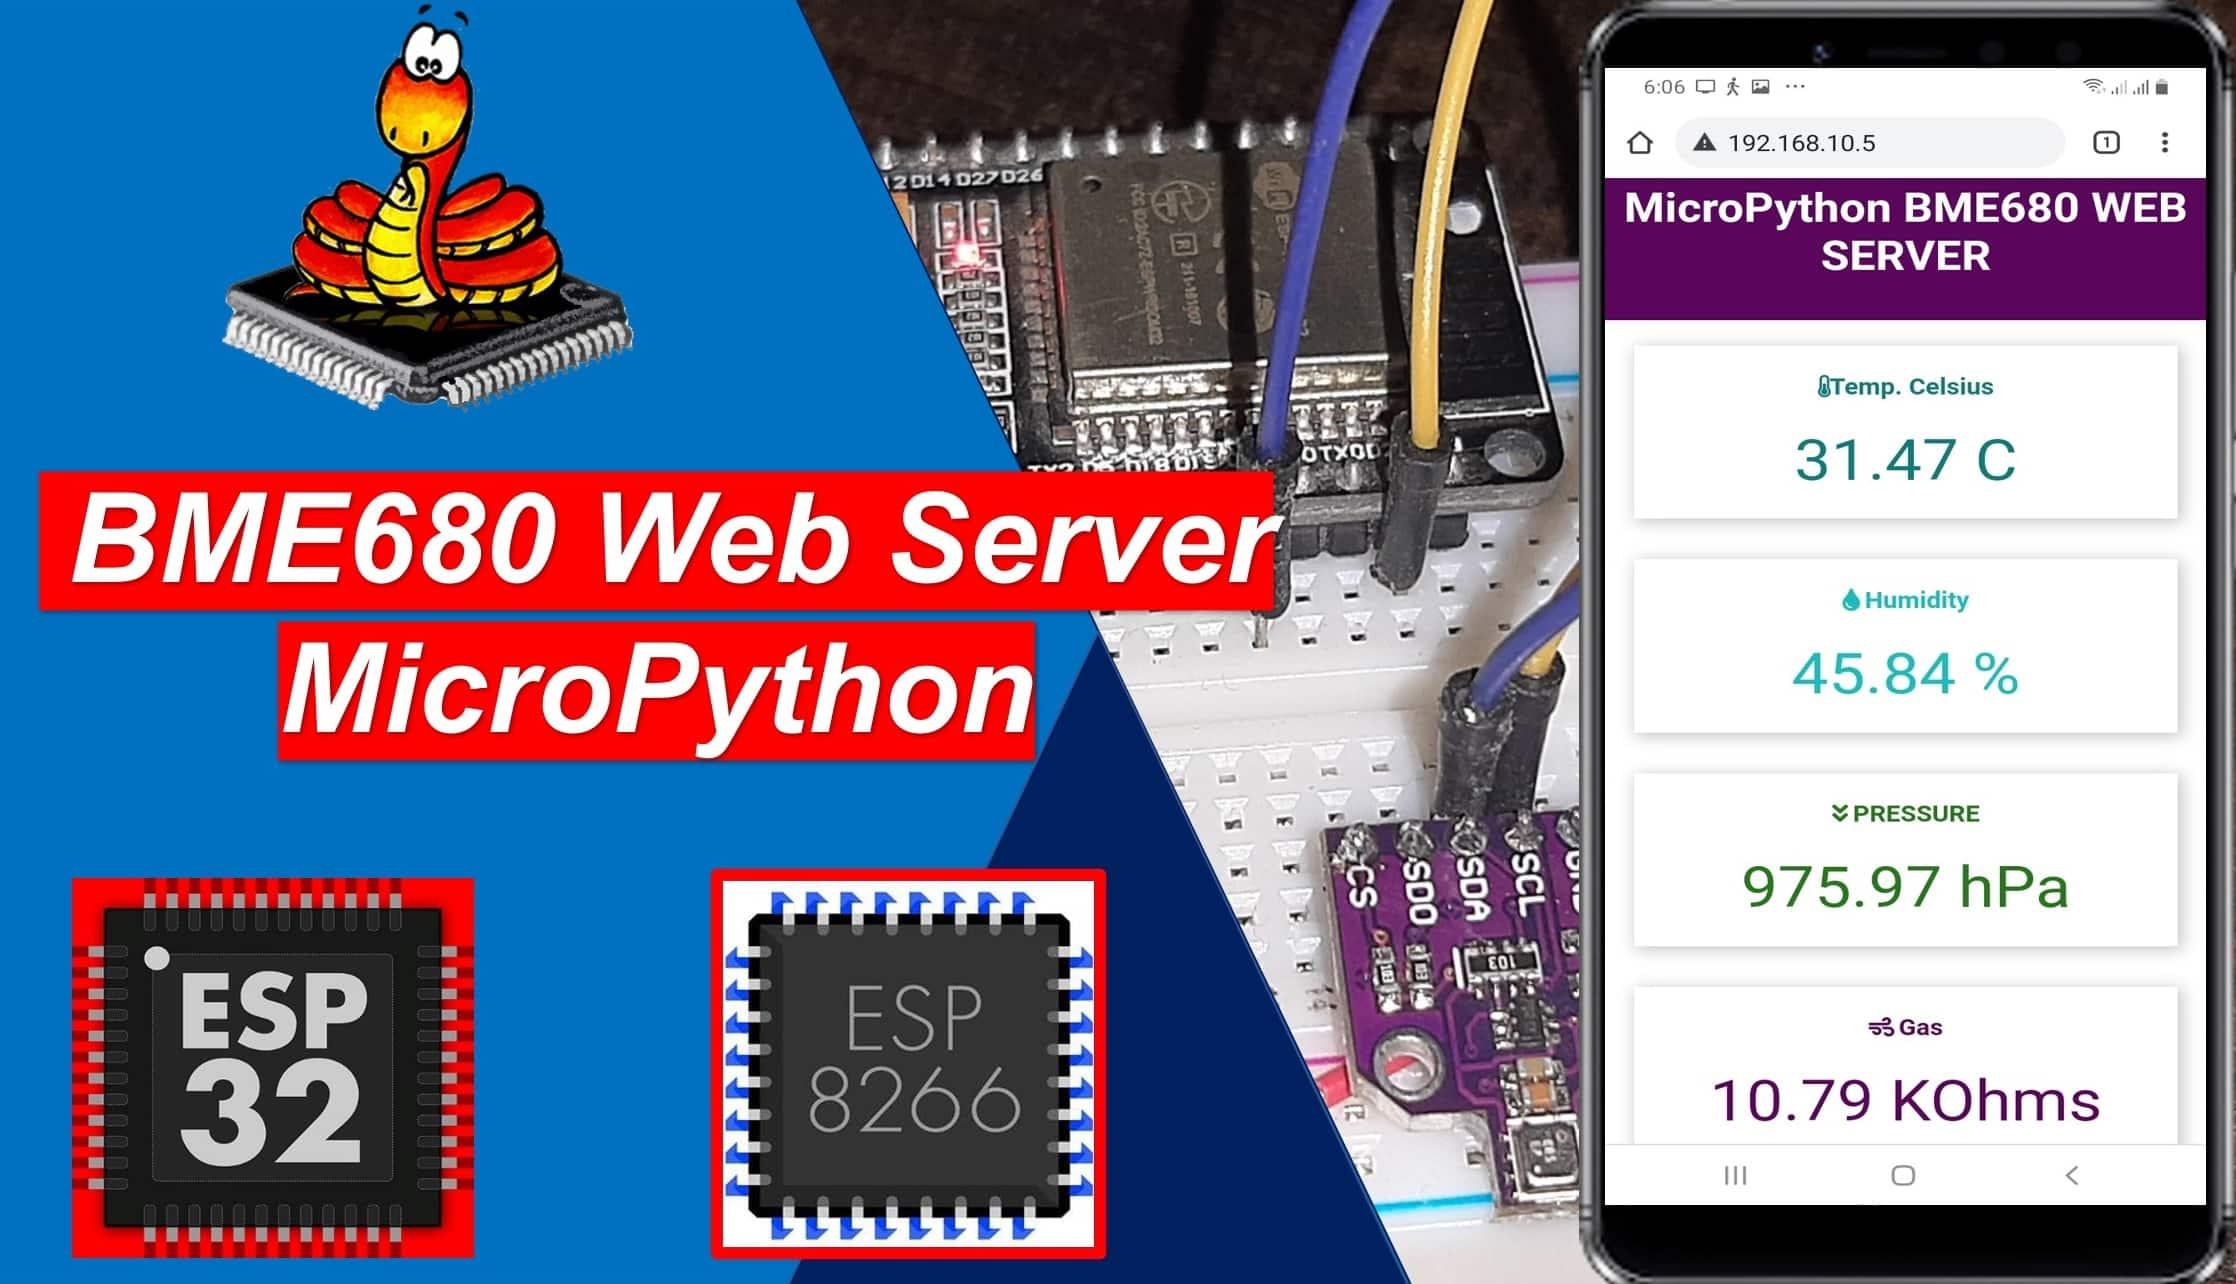 MicroPython ESP32 ESP8266 BME680 web server